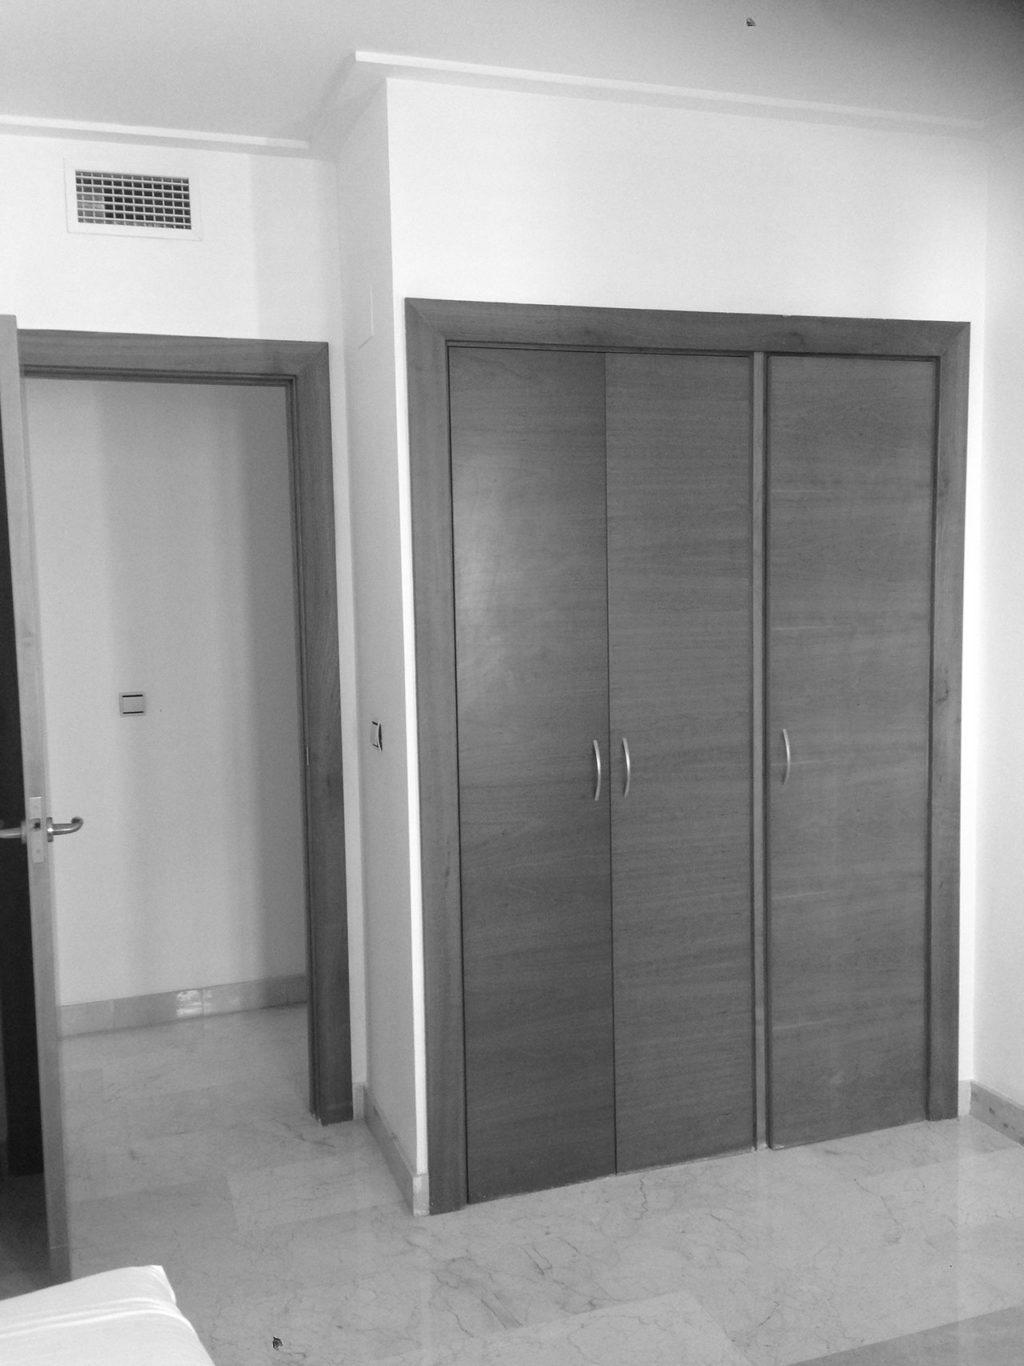 Reforma de vivienda con redistribución de espacios y decoración con materiales nobles y colores cálidos. Estado previo